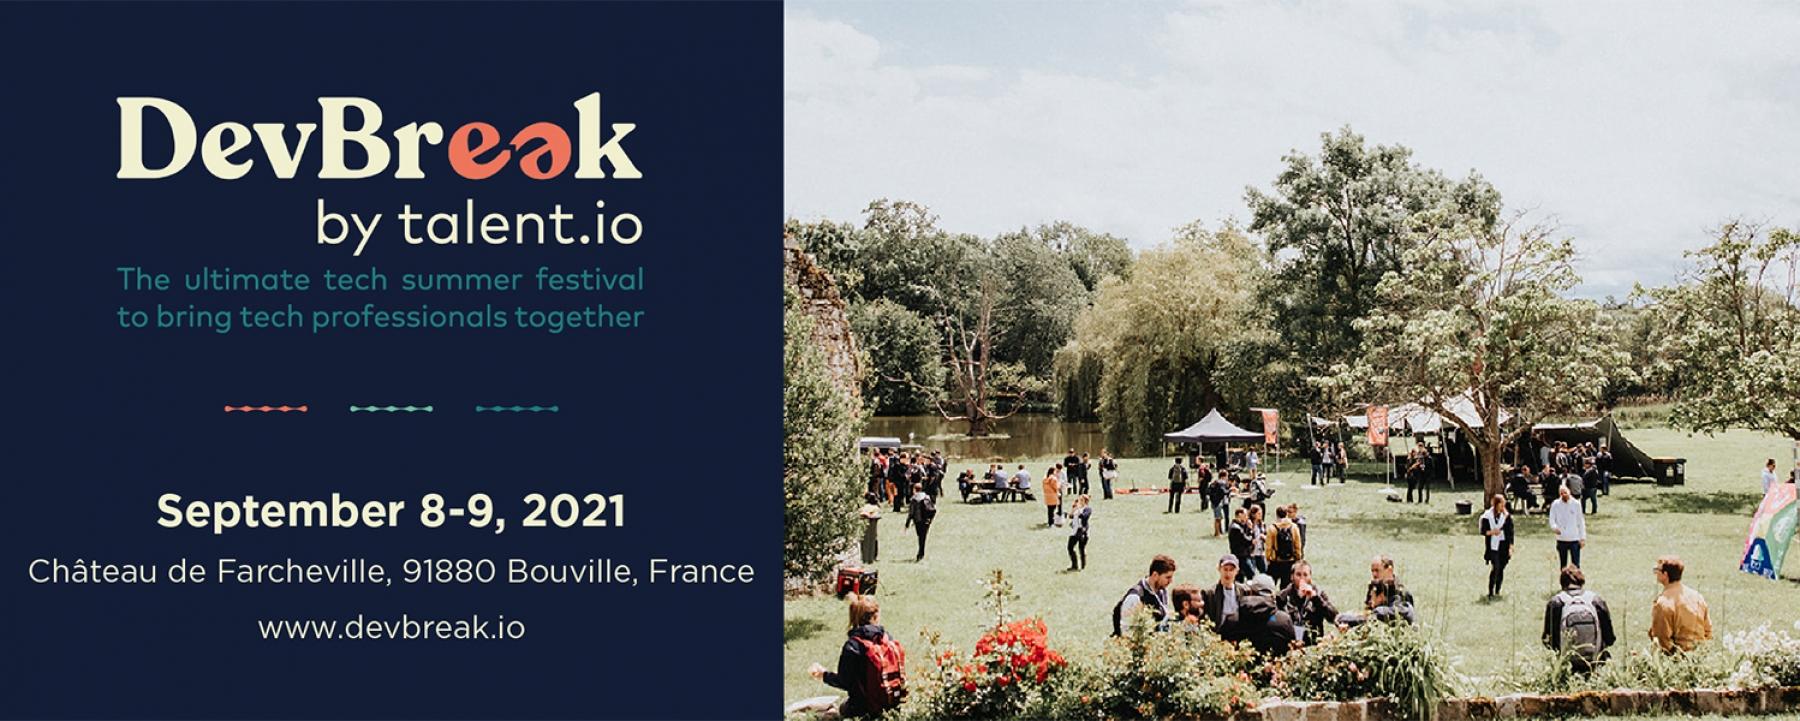 Festival DevBreak 2020, organisé par Talent.io, les 8 et 9 septembre 2021 au Château de Farcheville